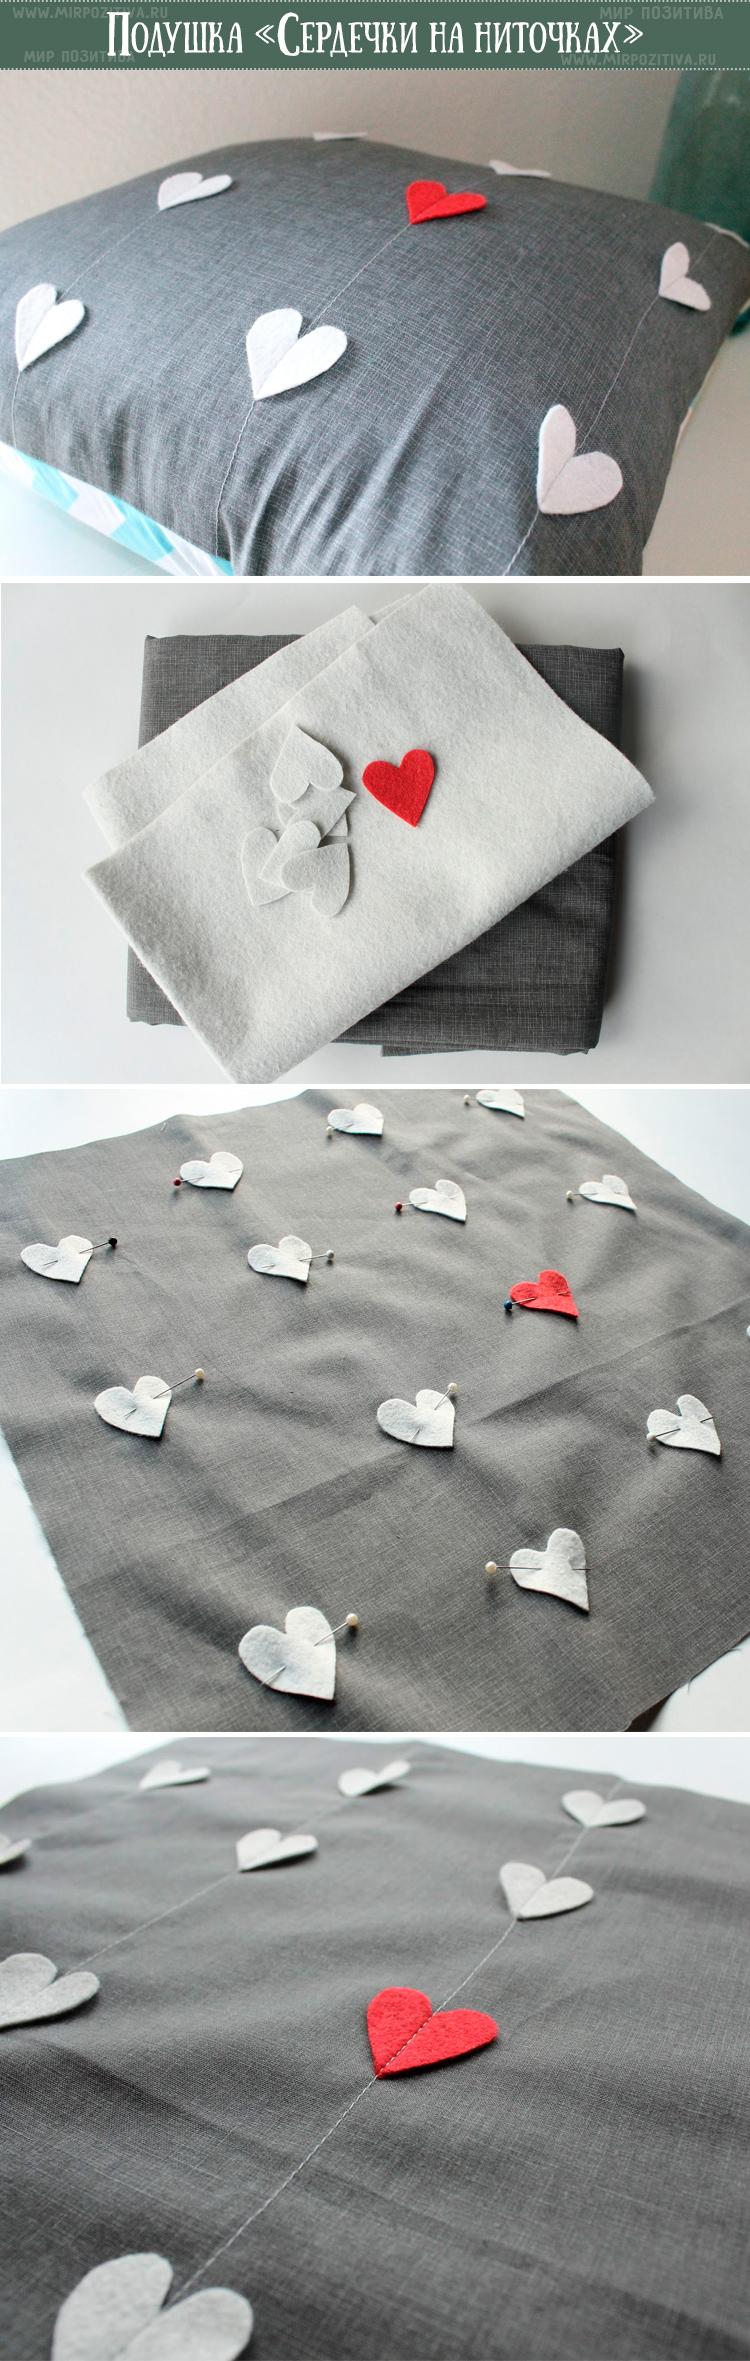 Как сделать оригинальные подушки своими руками: инструкция, множество фото идей